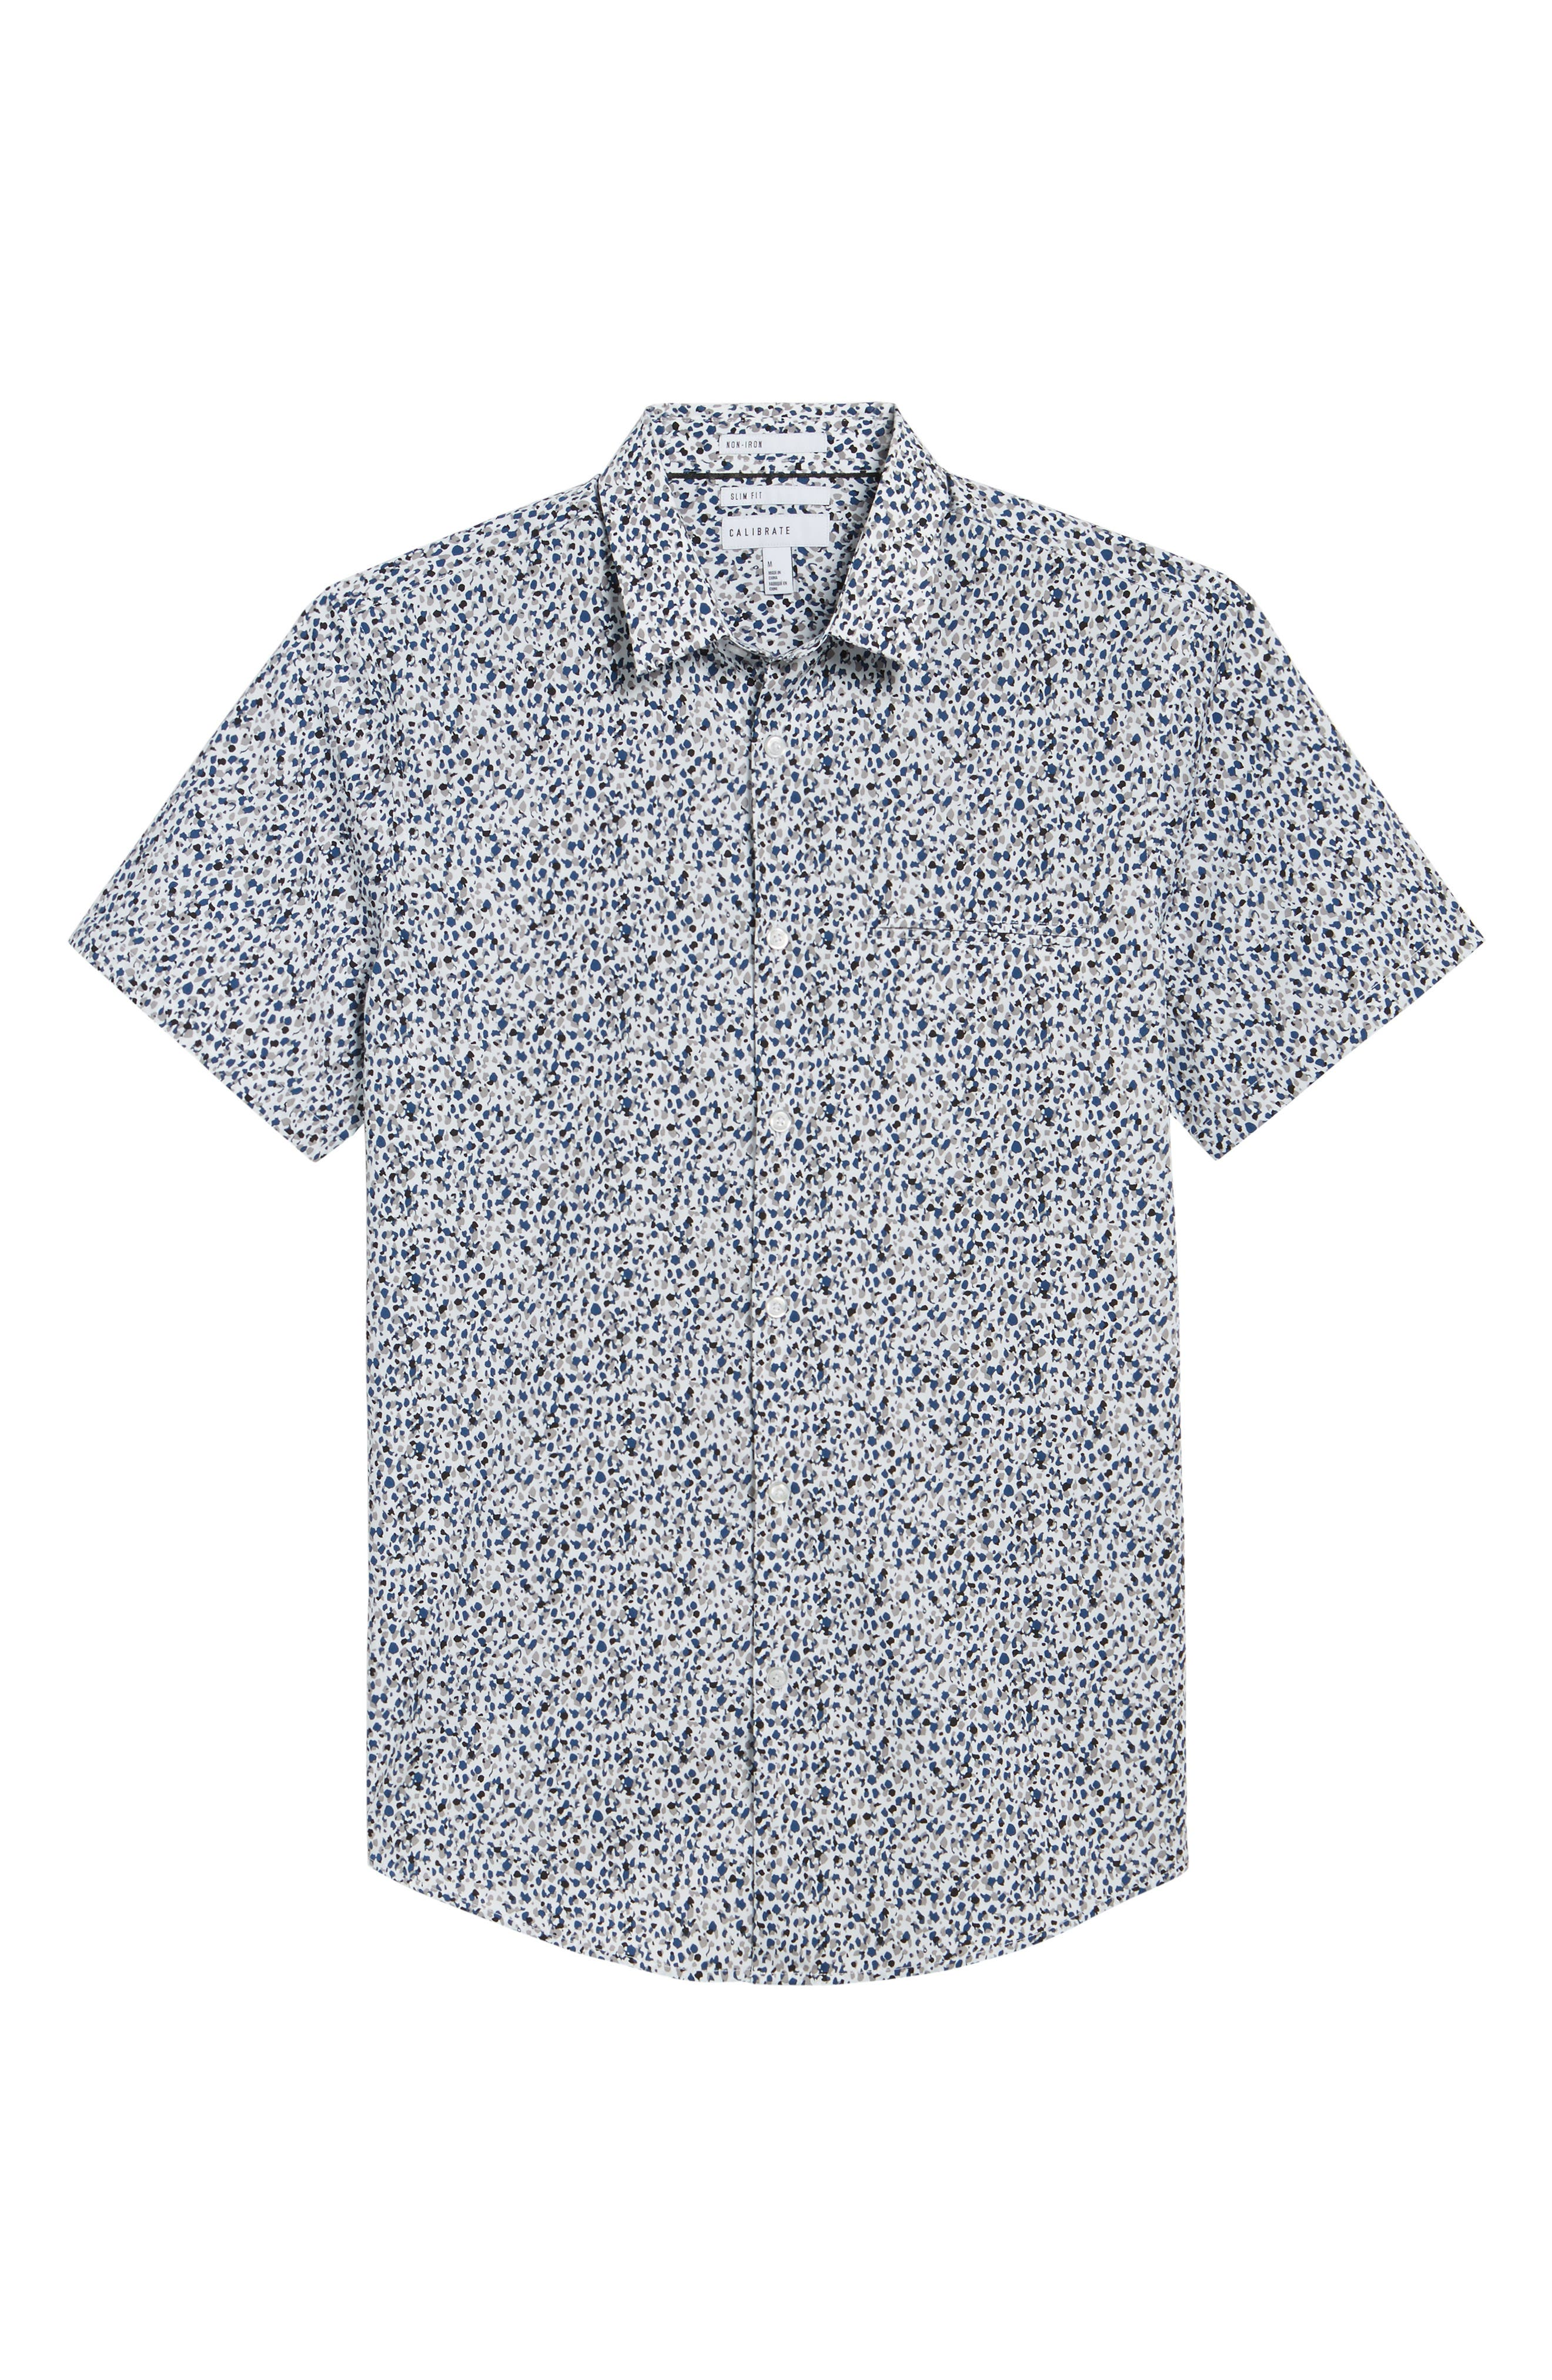 Print Welt Pocket Sport Shirt,                             Alternate thumbnail 6, color,                             White Blue Splatter